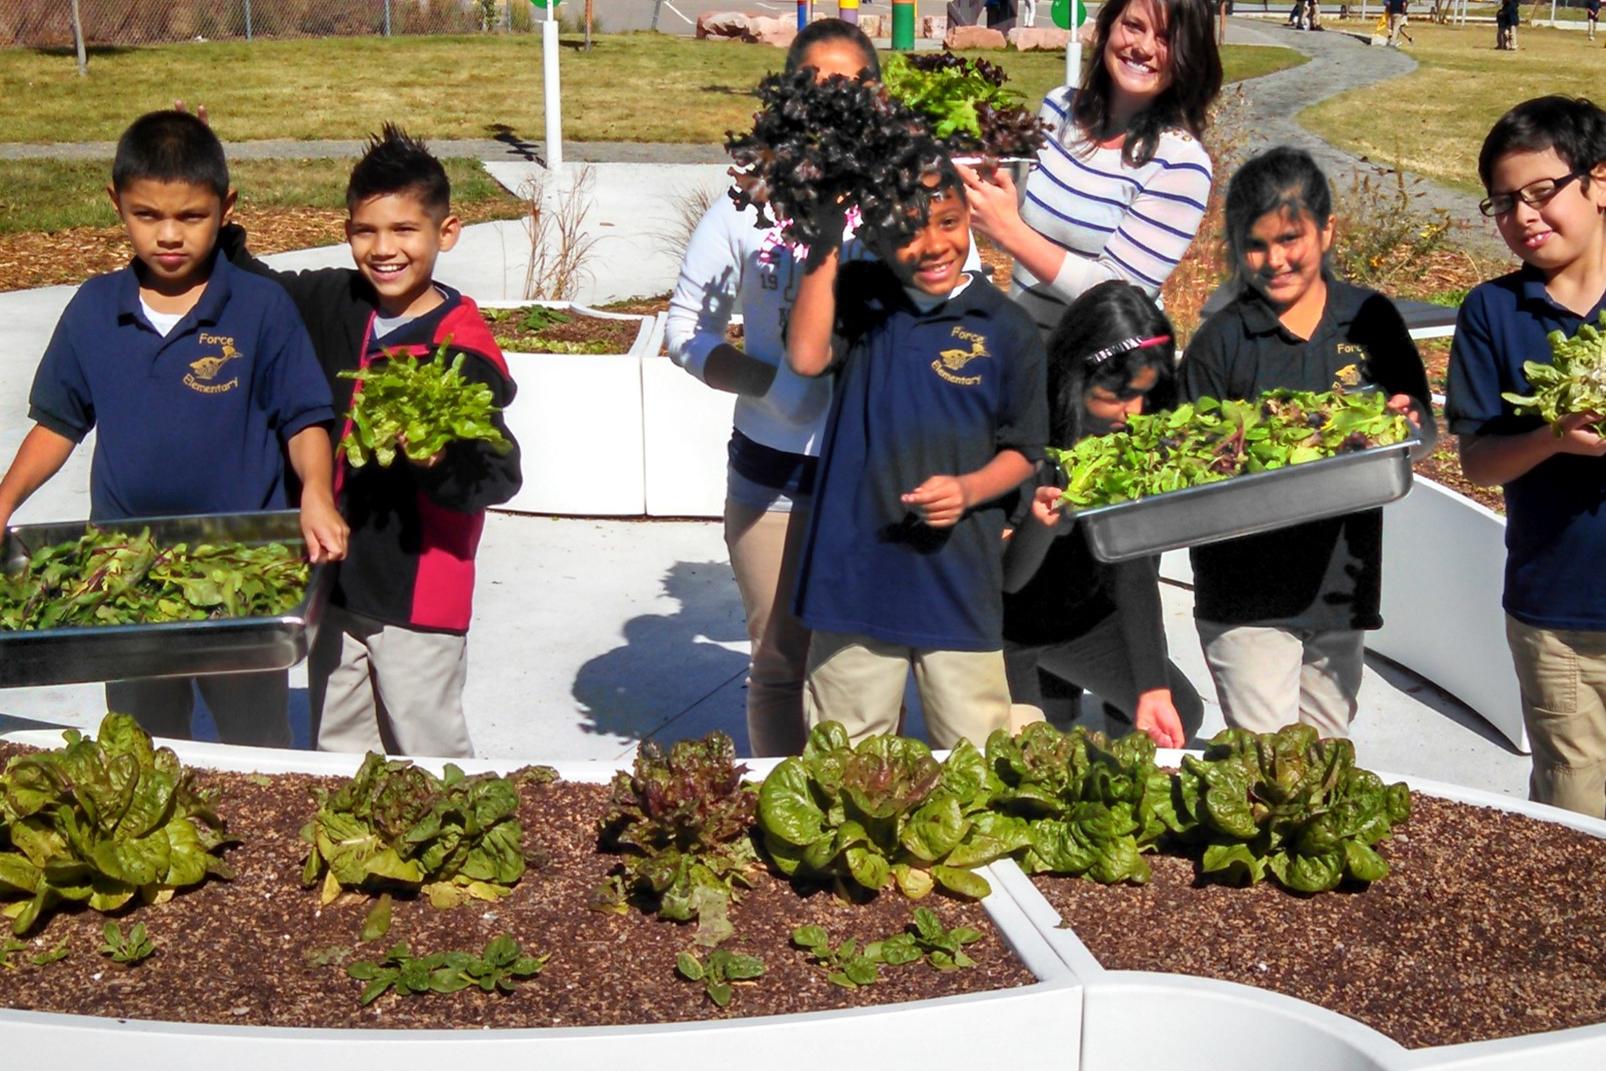 Learning Gardens - открытые классы по земледелию для школьников